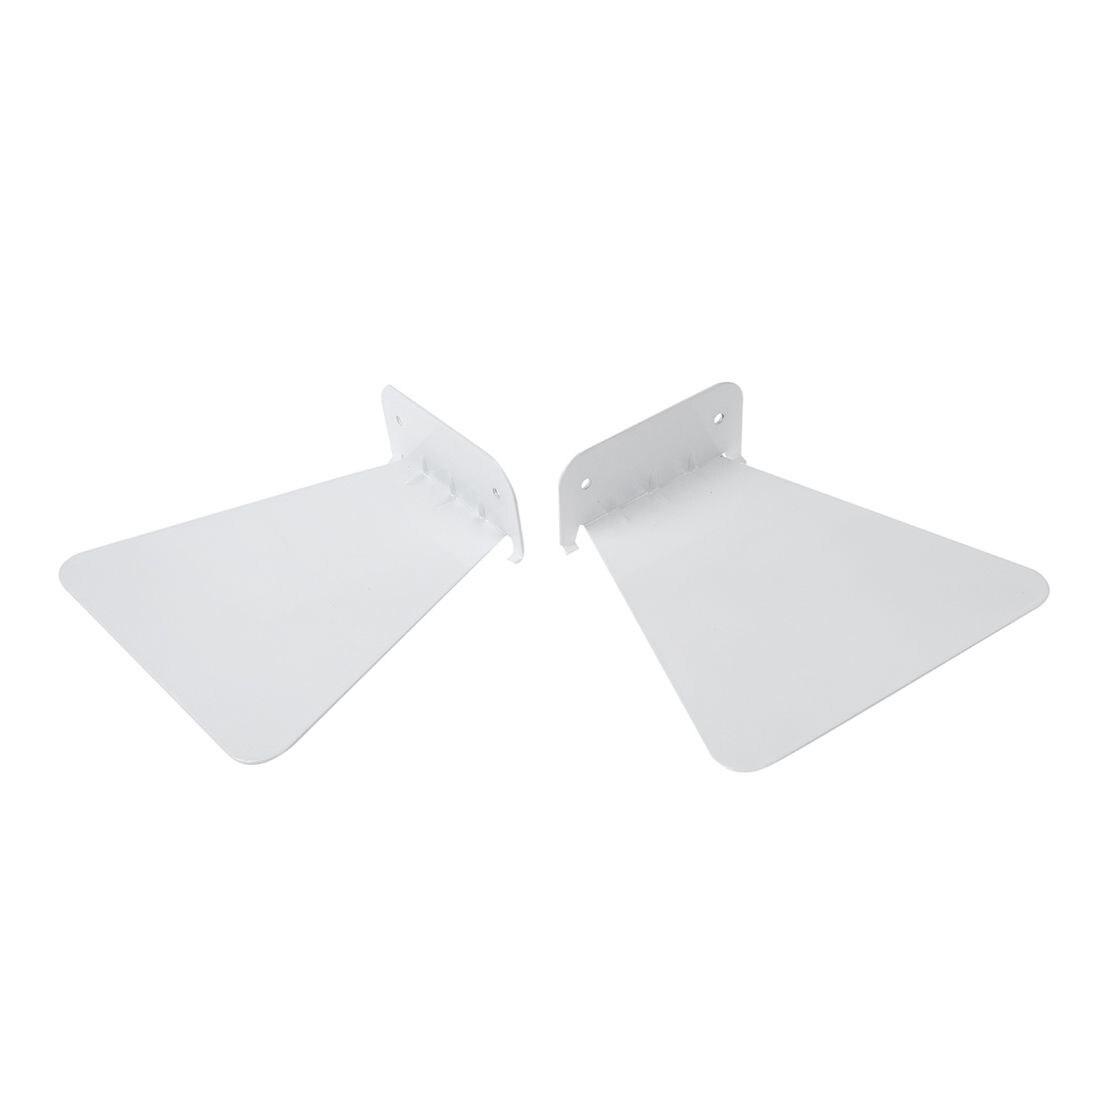 2 stücke Moderne Eisen buch regal wand unsichtbare bücherregal für home dekoration Schwimm Bücherregal (Weiß)